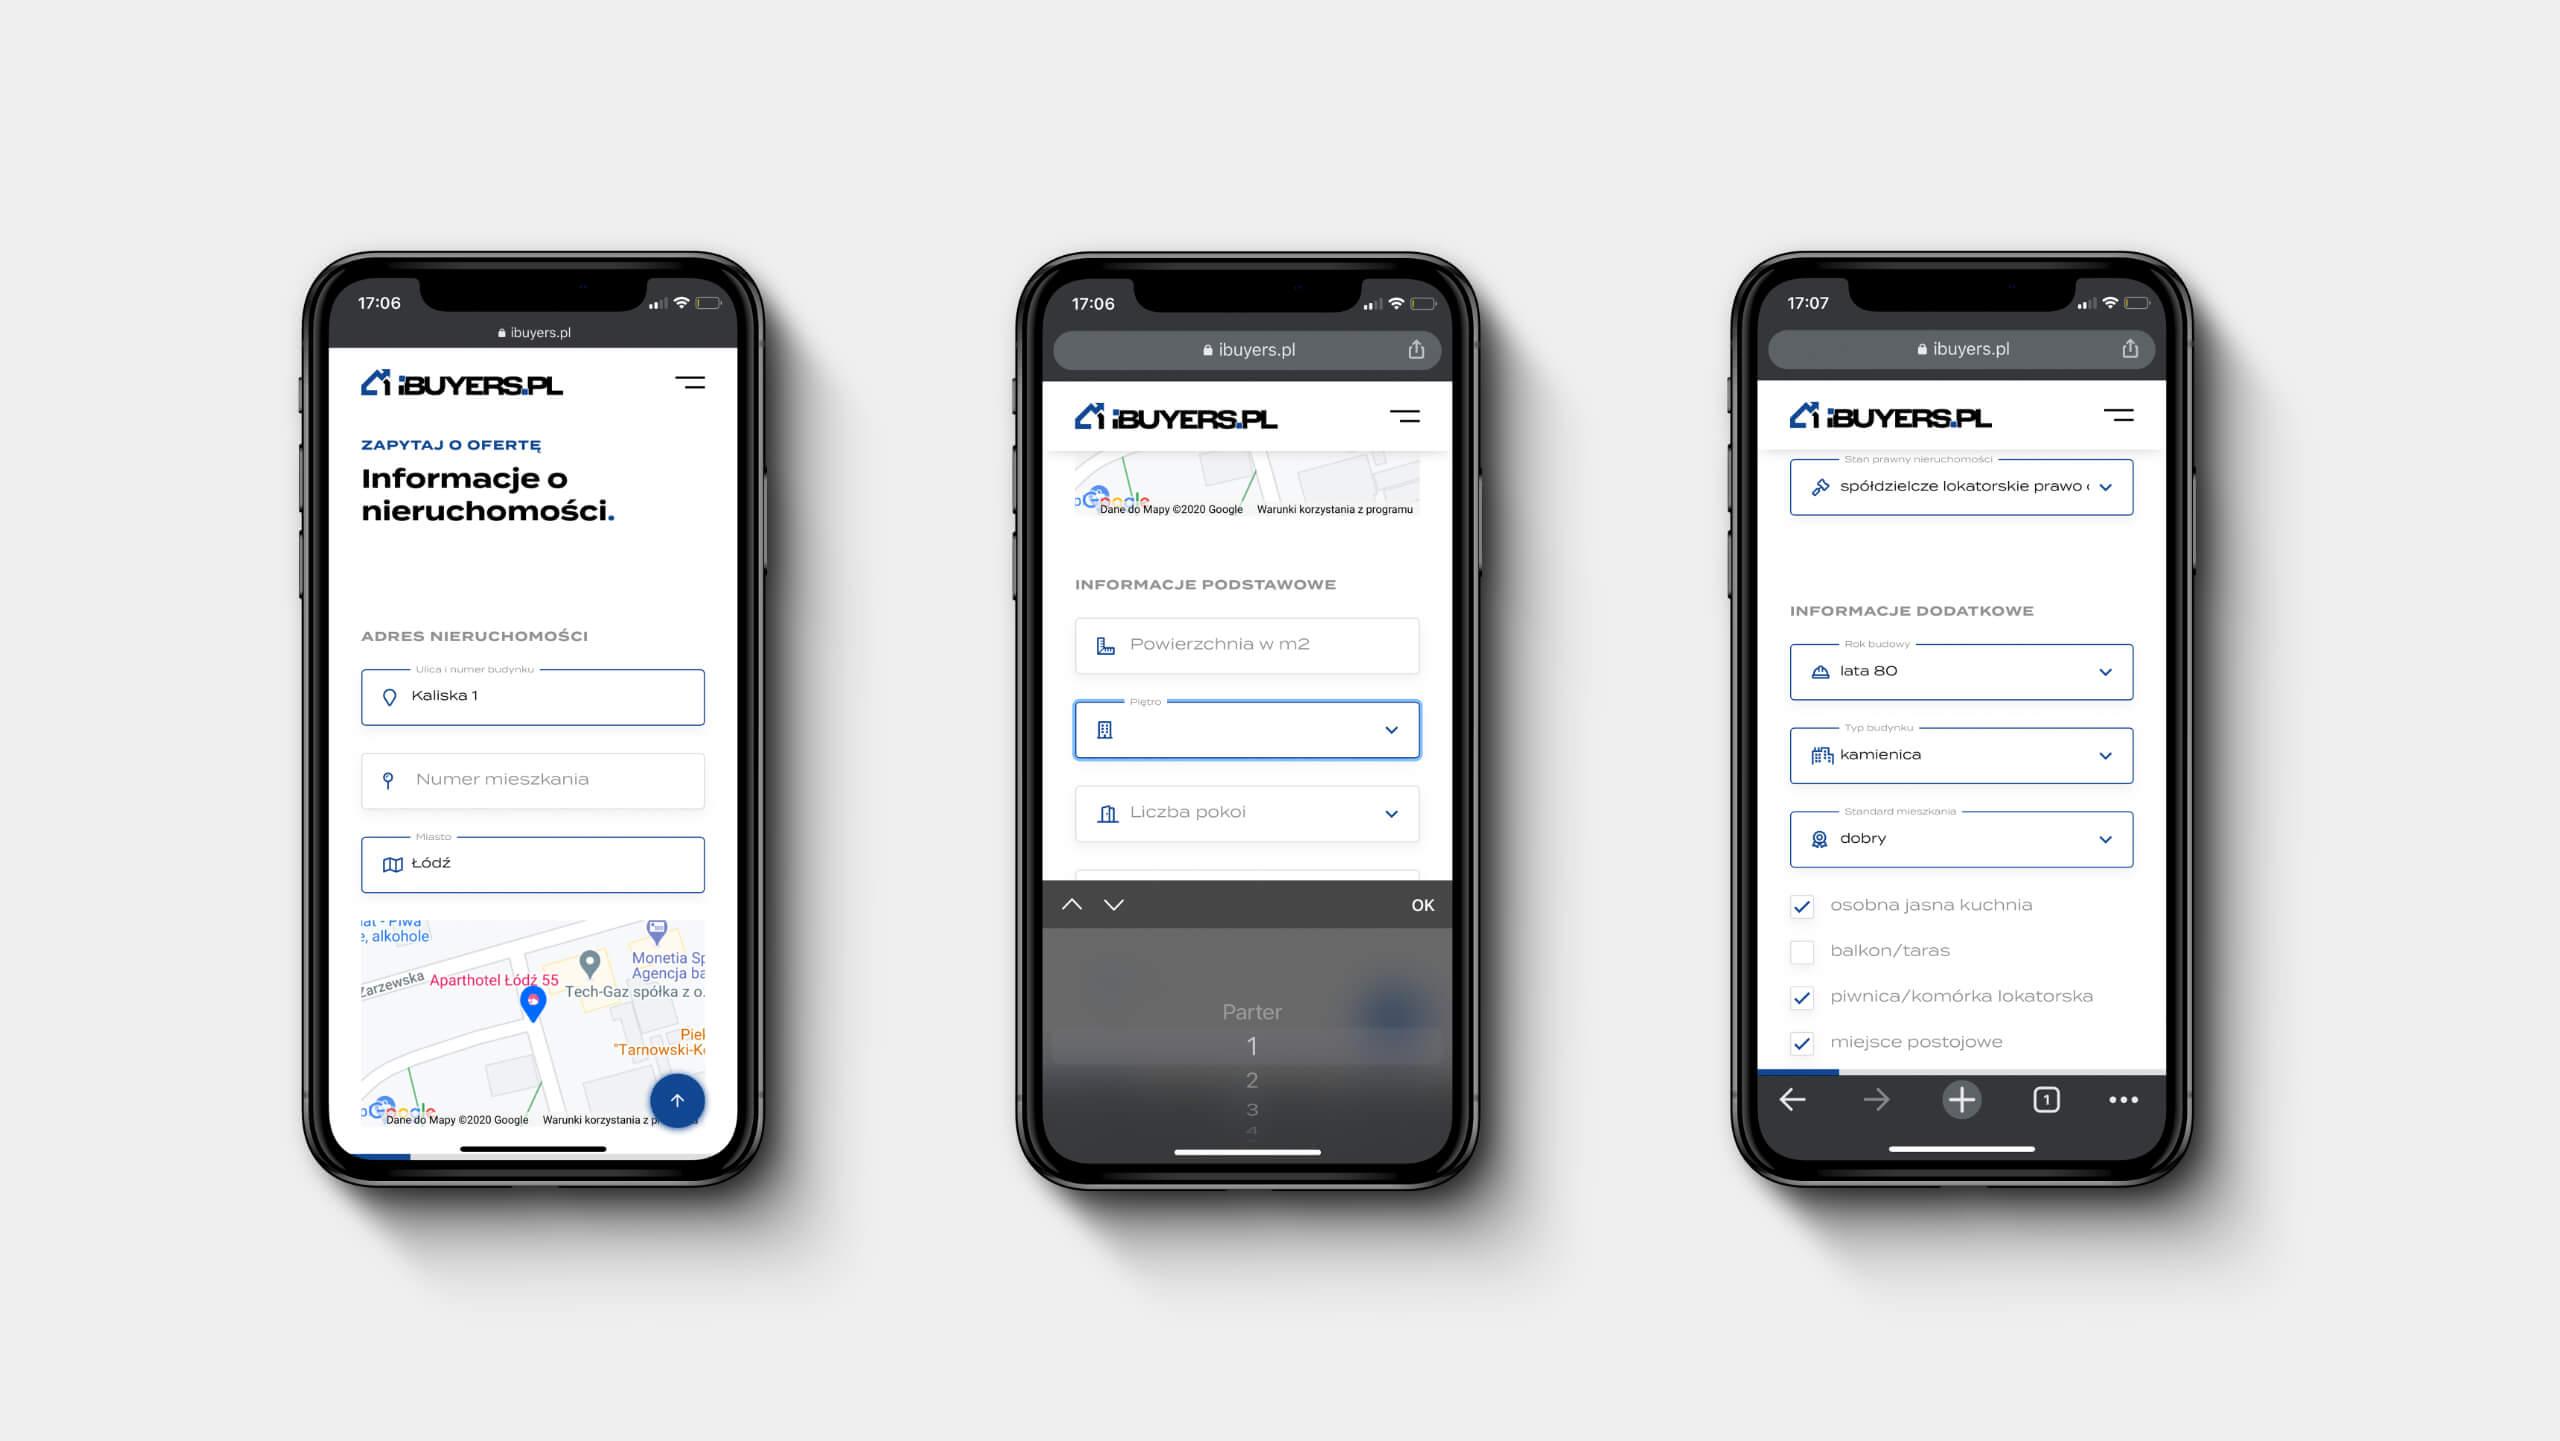 ibuyers.pl - responsywna aplikacja internetowa